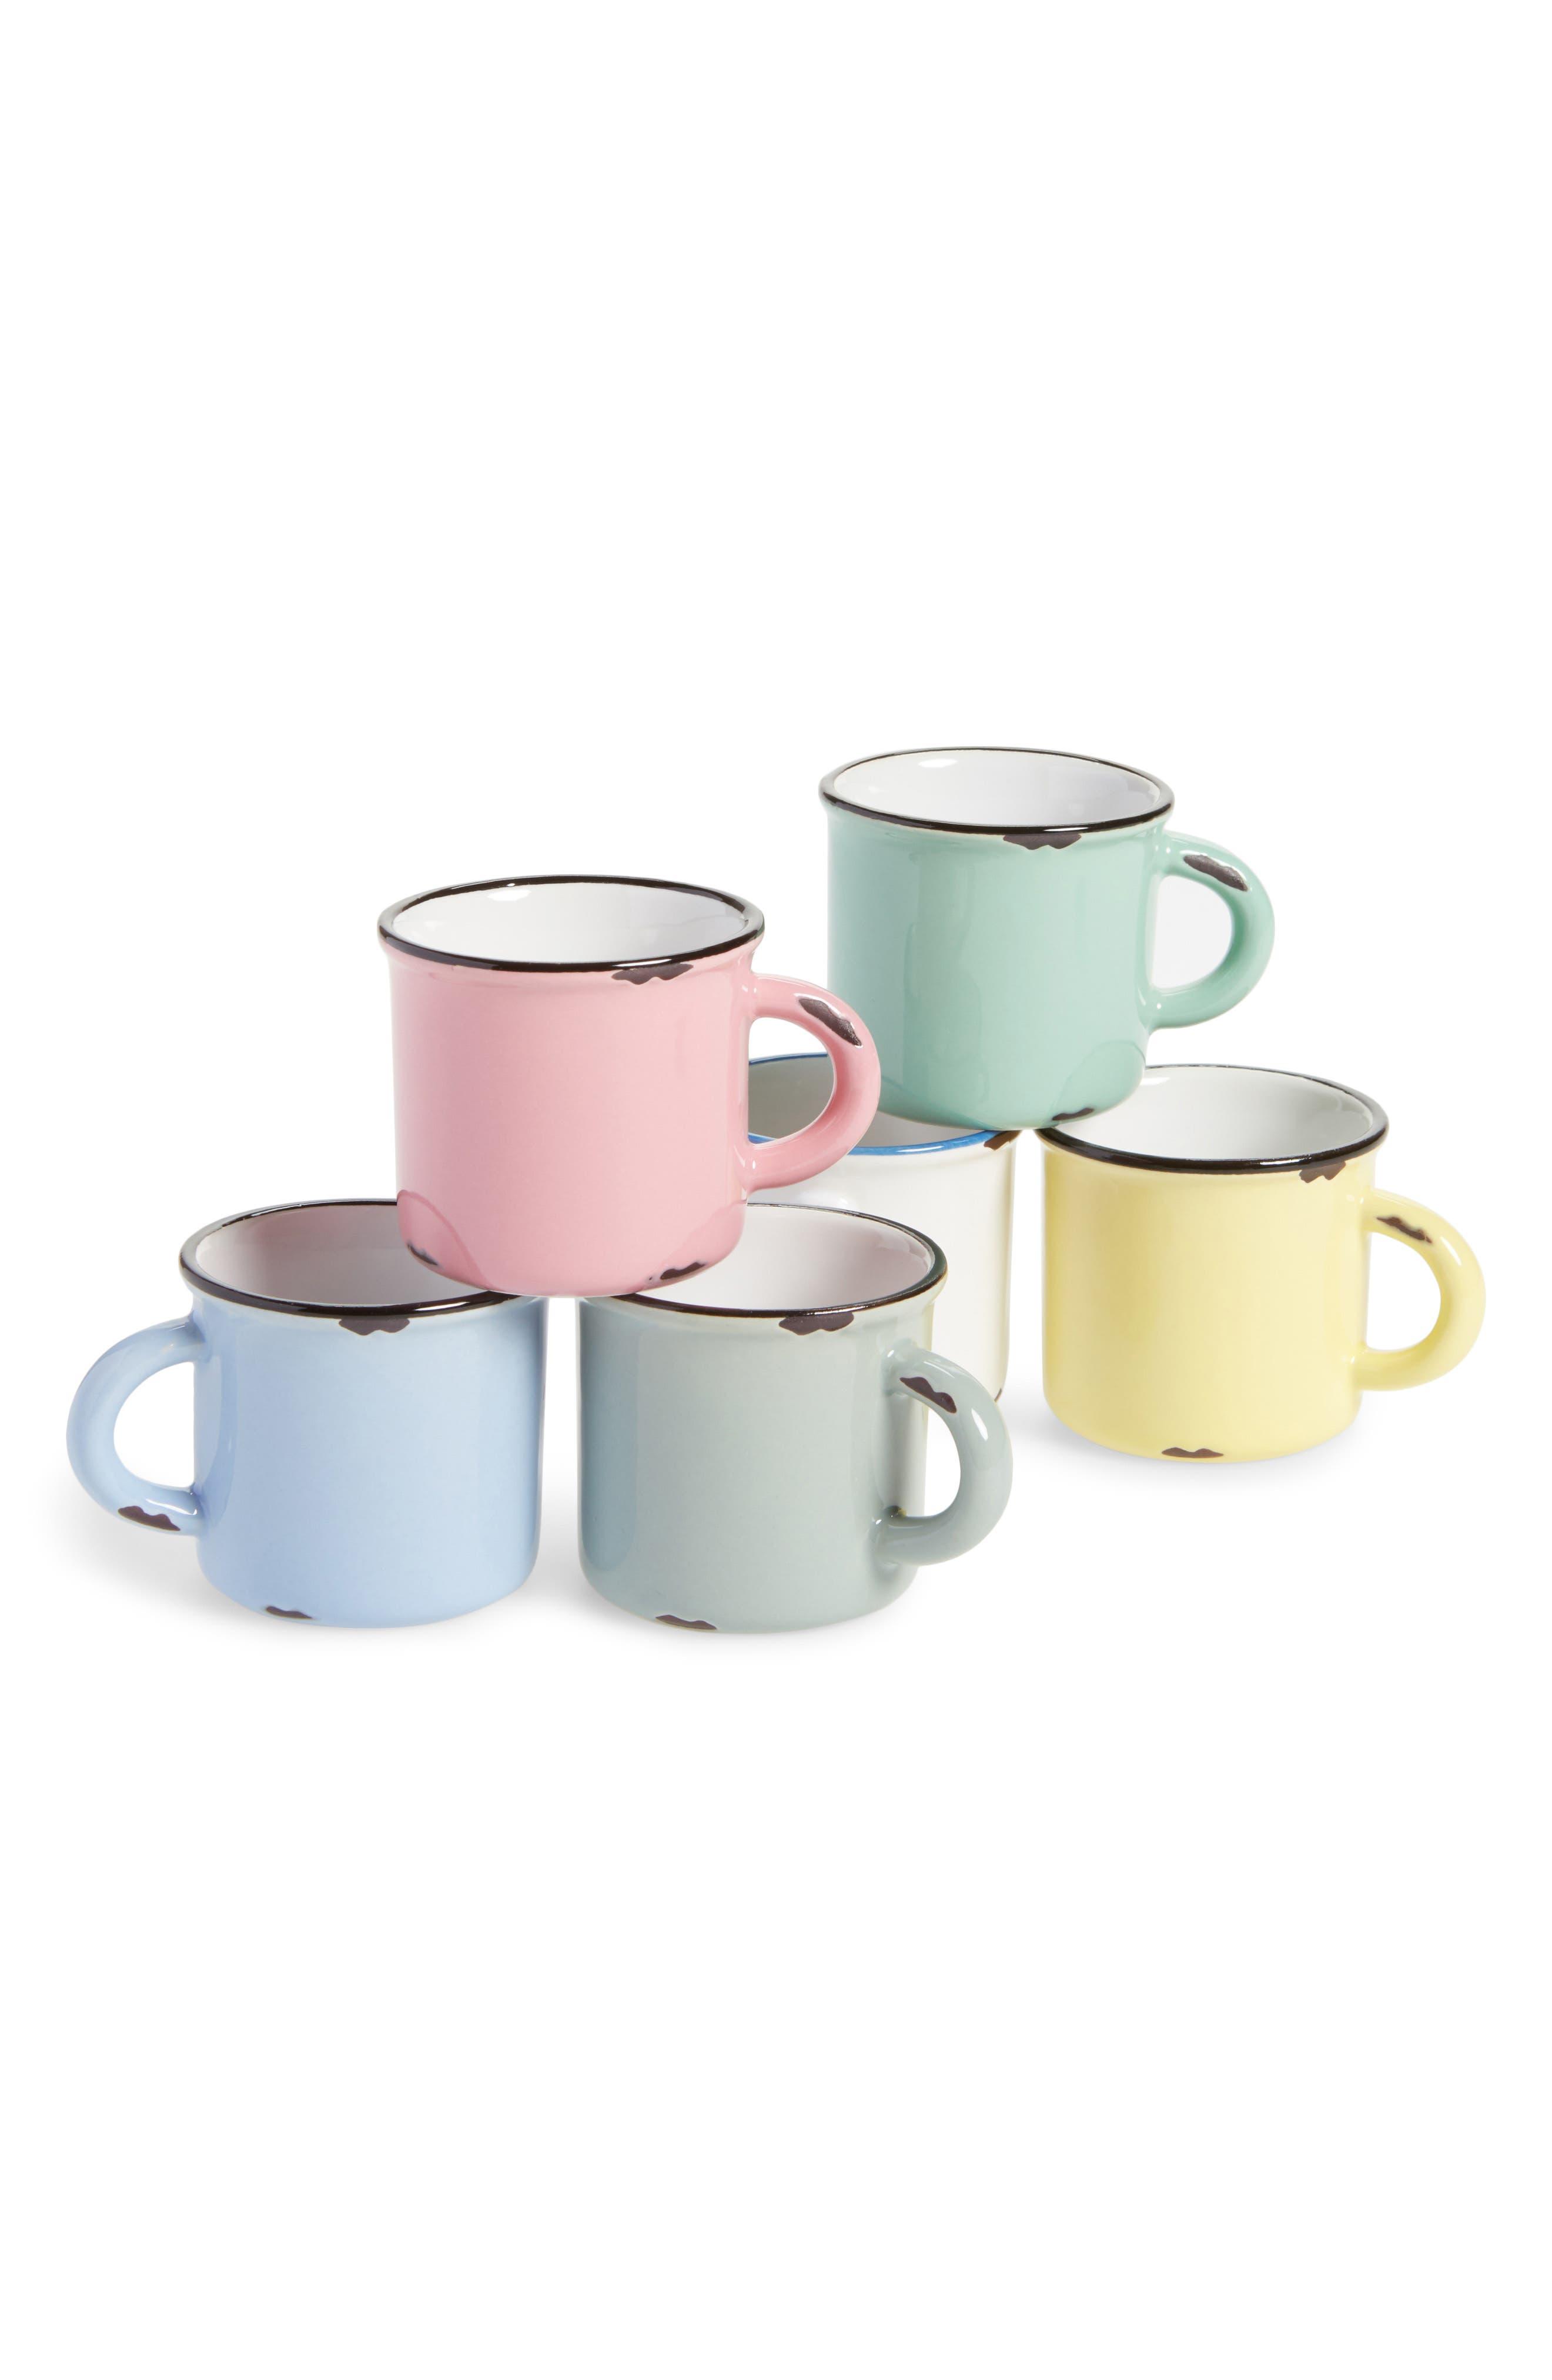 6-Piece Stoneware Espresso Mug Set,                         Main,                         color, 100